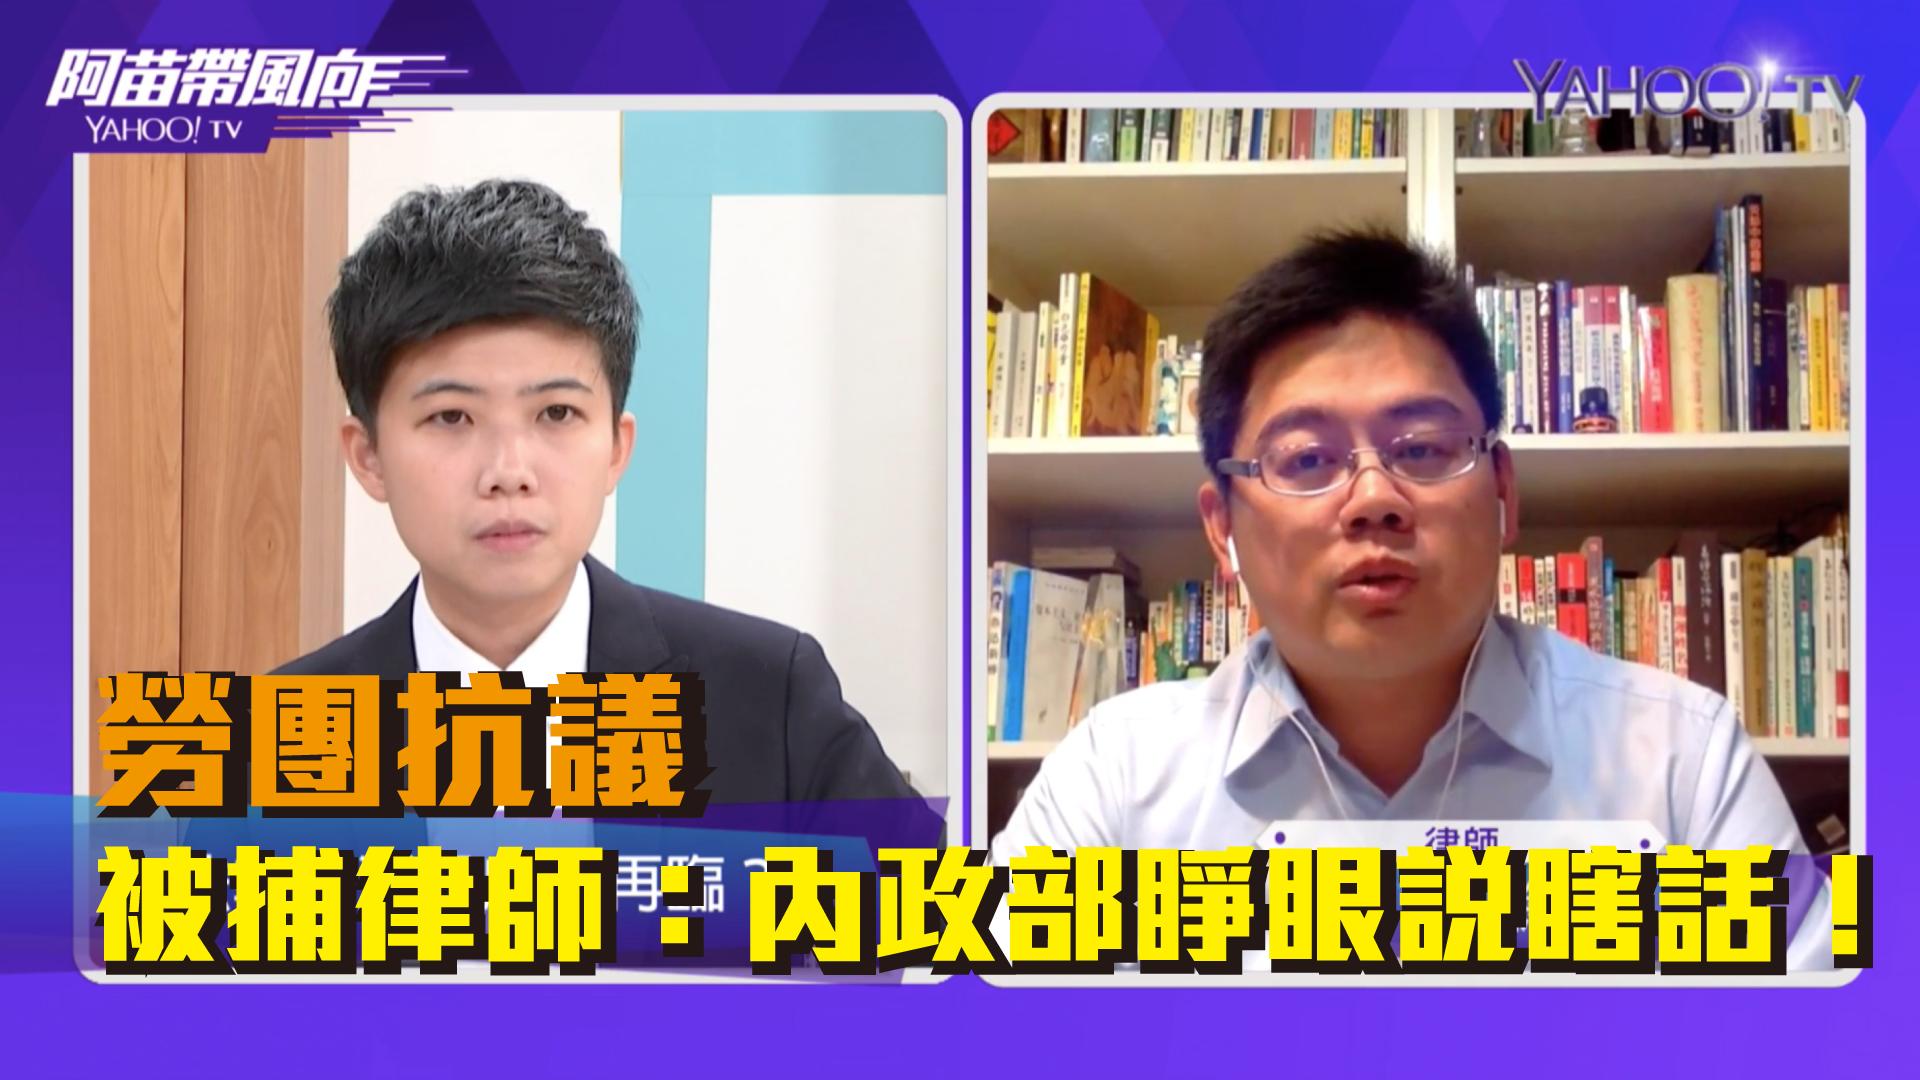 勞團抗議 被捕律師:內政部睜眼說瞎話! (阿苗帶風向 20171226)